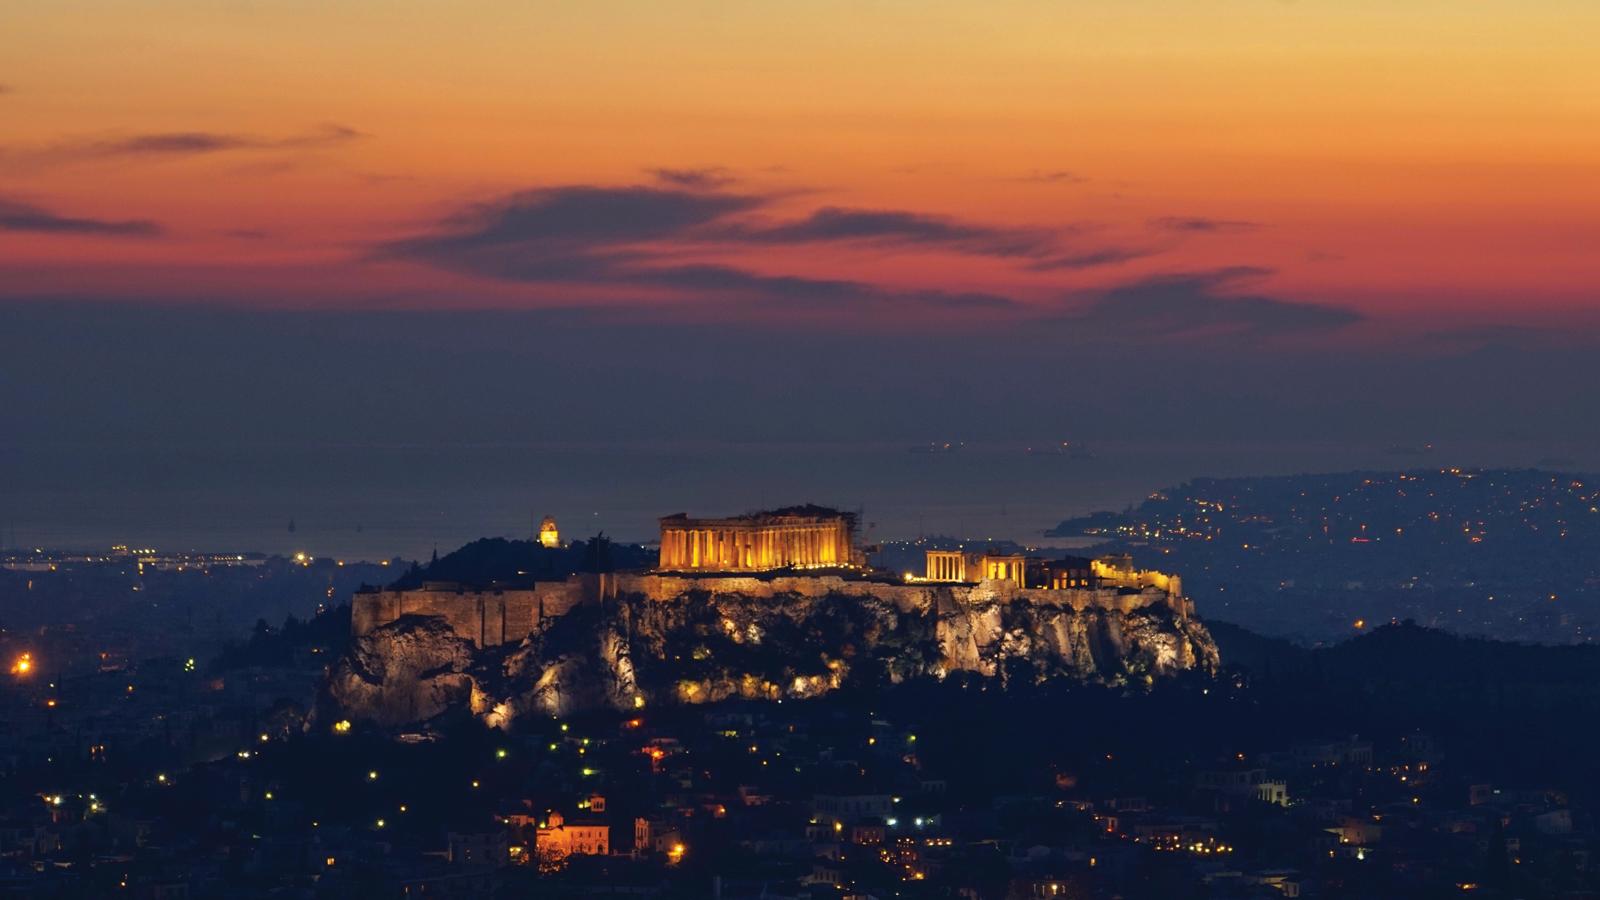 Griechisches-Inselabenteuer-mit-dem-Boot-Segeltörn-Griechenland-Reisen-für-junge-Leute-traveljunkies